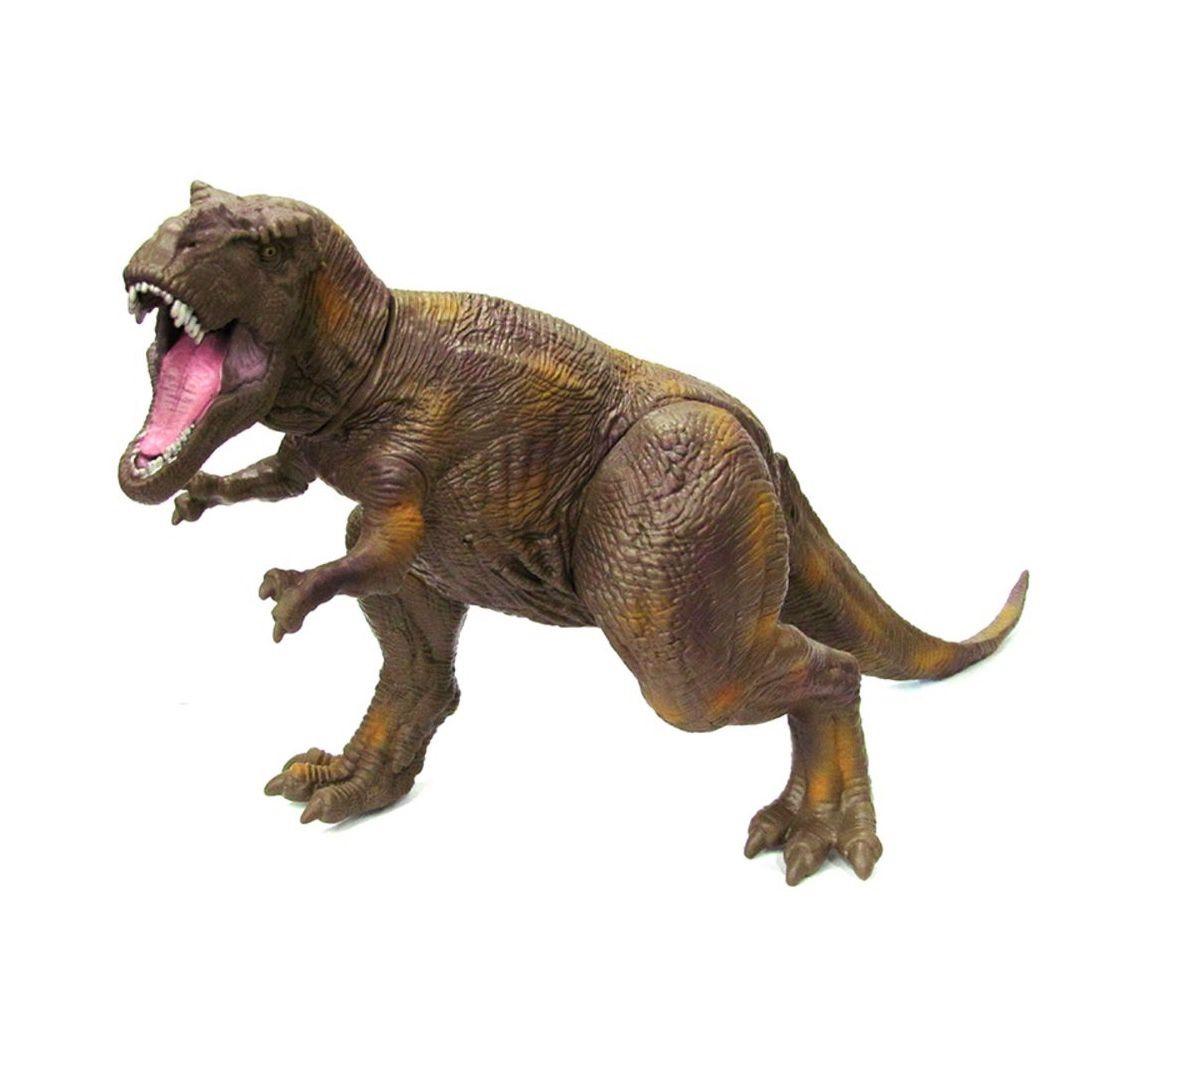 Dinossauro Jurassic World Tiranossauro Rex Tamanho Gigante - MIMO